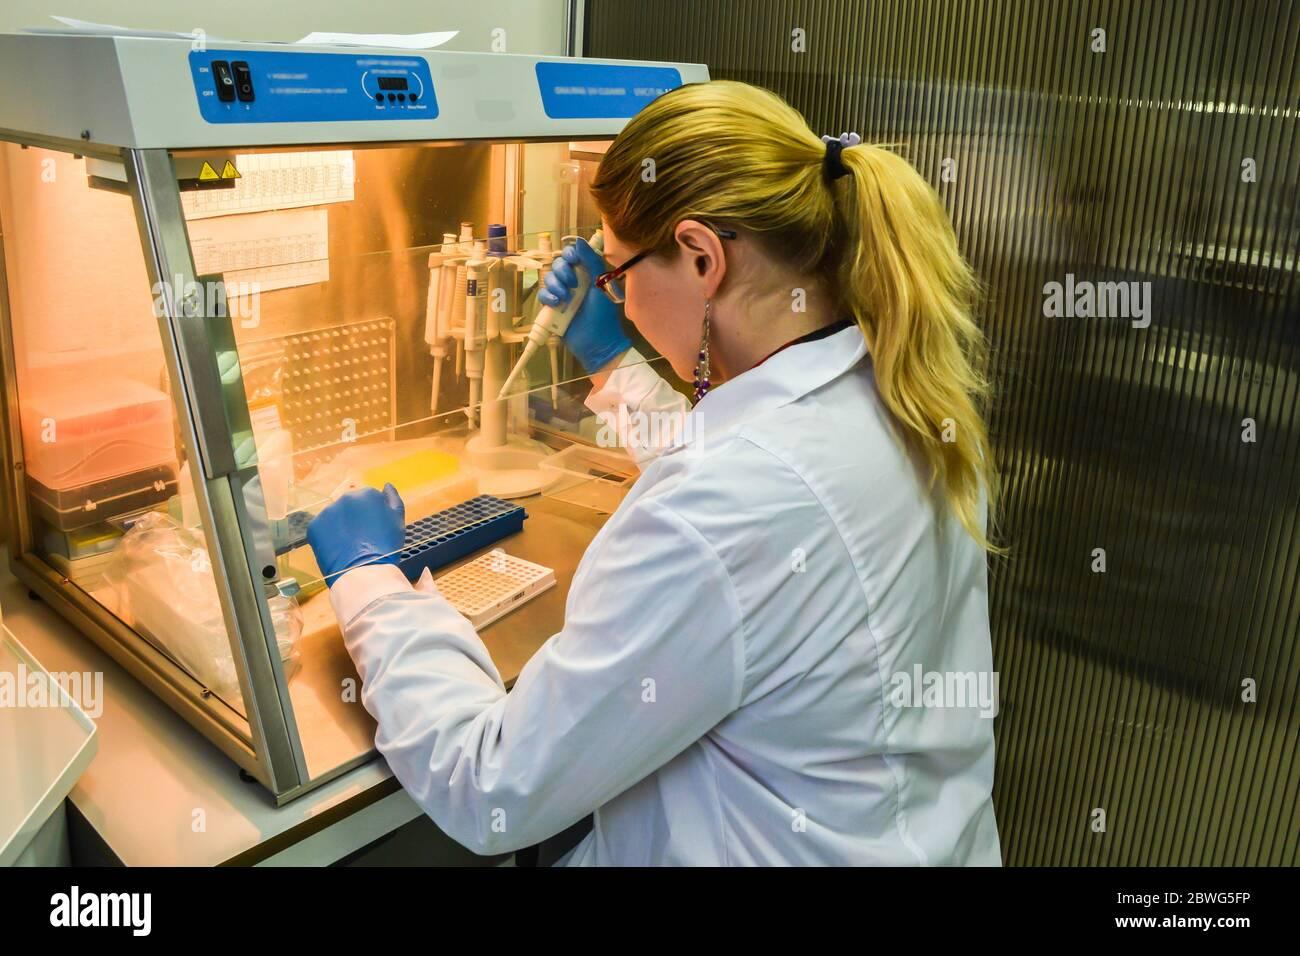 Preparación de muestras para el diagnóstico de PCR. El investigador en una caja laminar pipeteó las muestras en una placa de PCR de 96 pocillos. Foto de stock